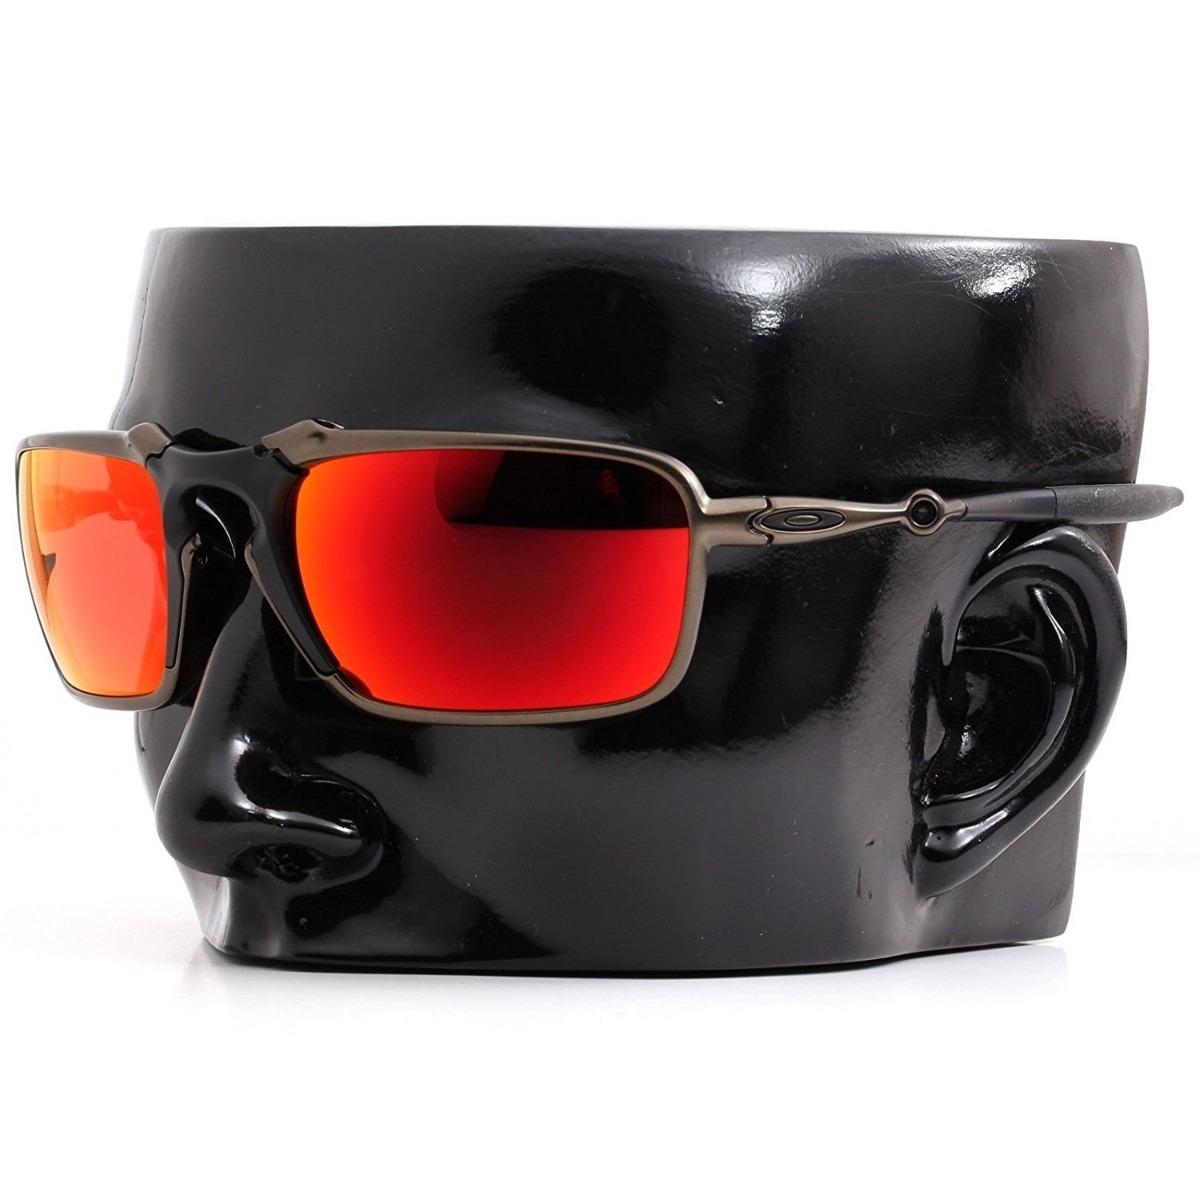 470007ee9 Óculos Oakley Badman Juliet Double Xx Squared 24k Penny Lr - R$ 120 ...